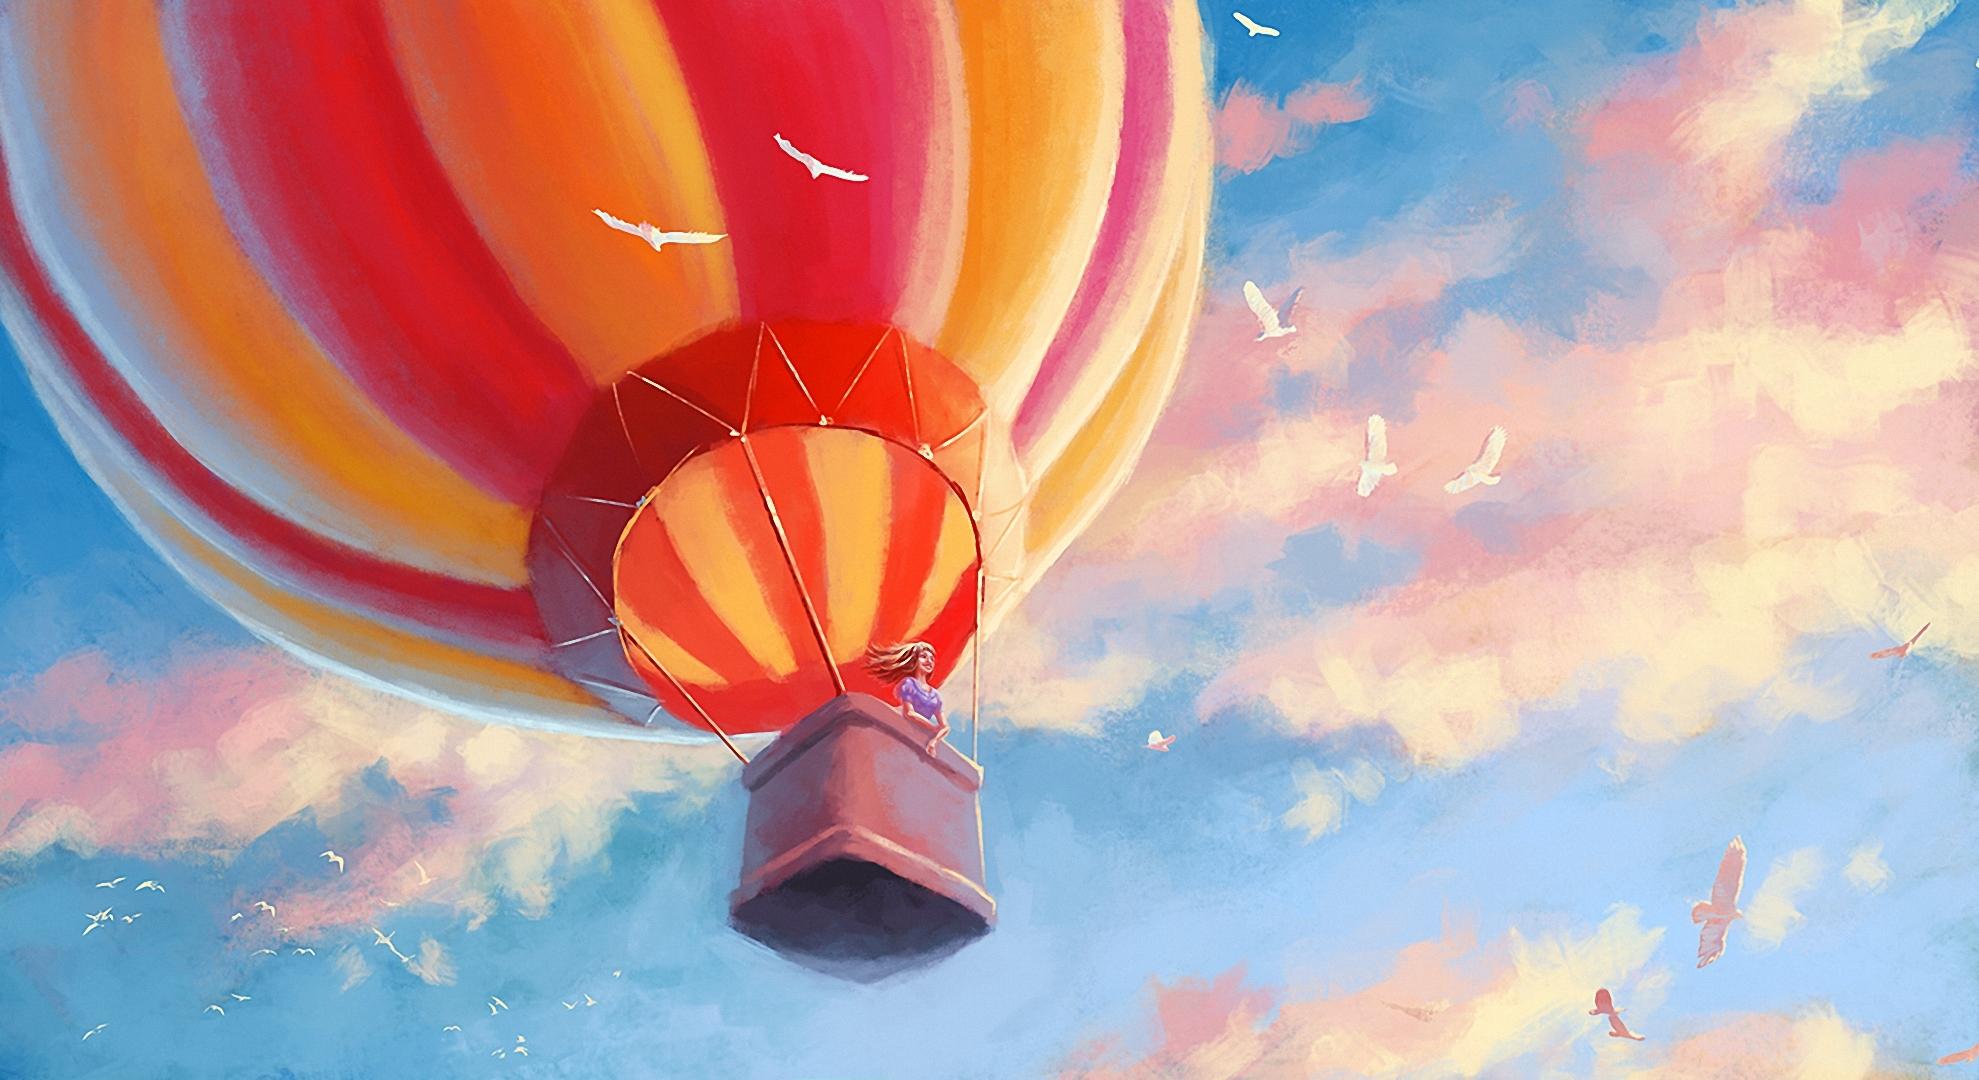 Картинки по запросу воздушный шар